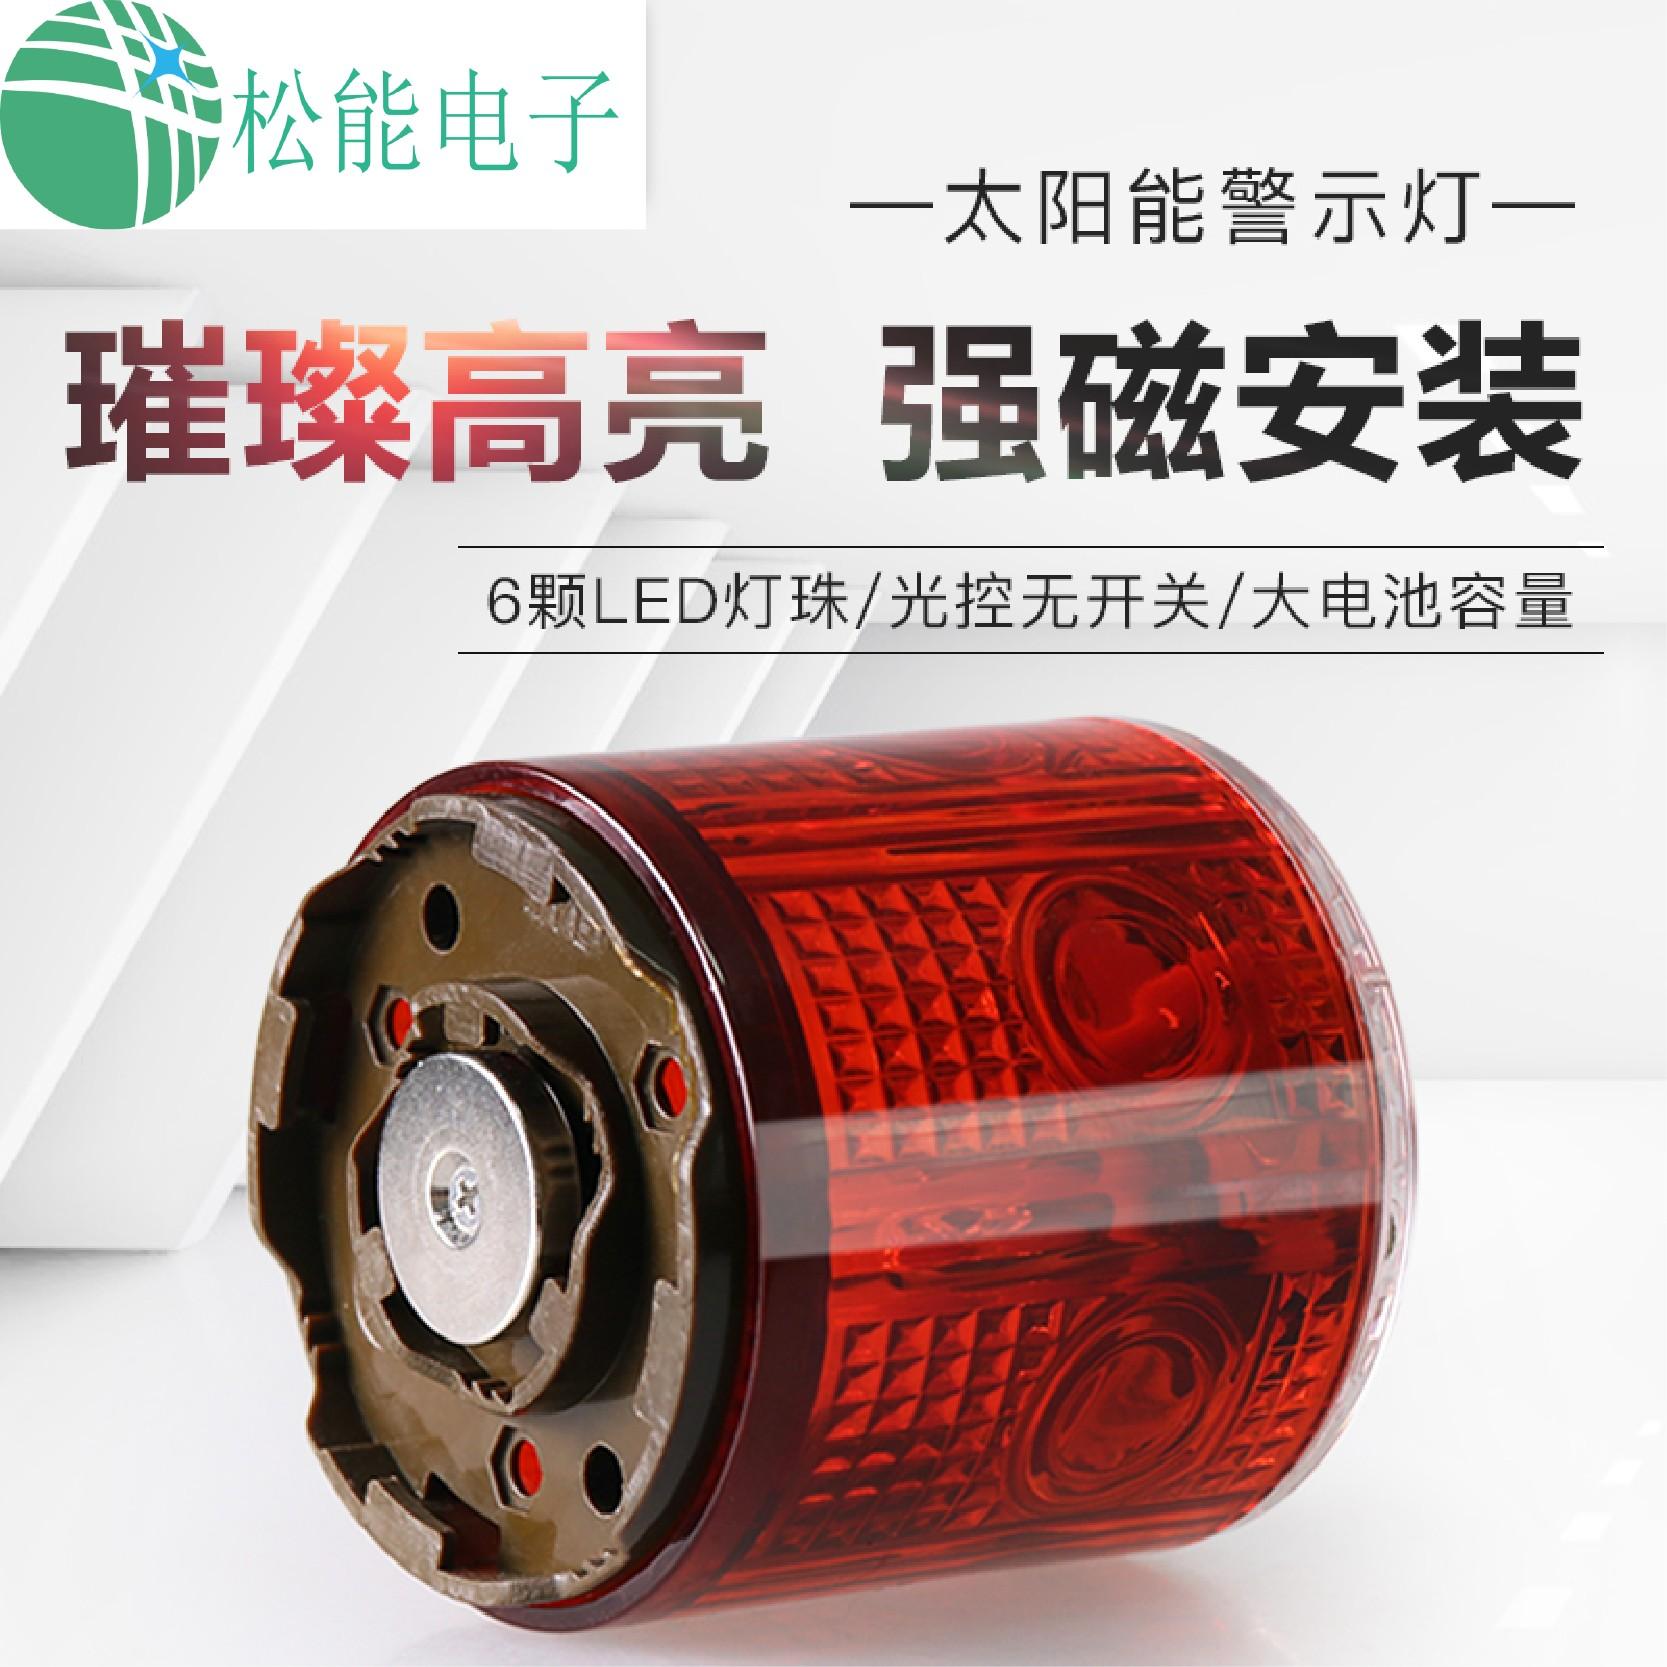 上海松能电子SN-6S1000太阳能警示灯厂家直销